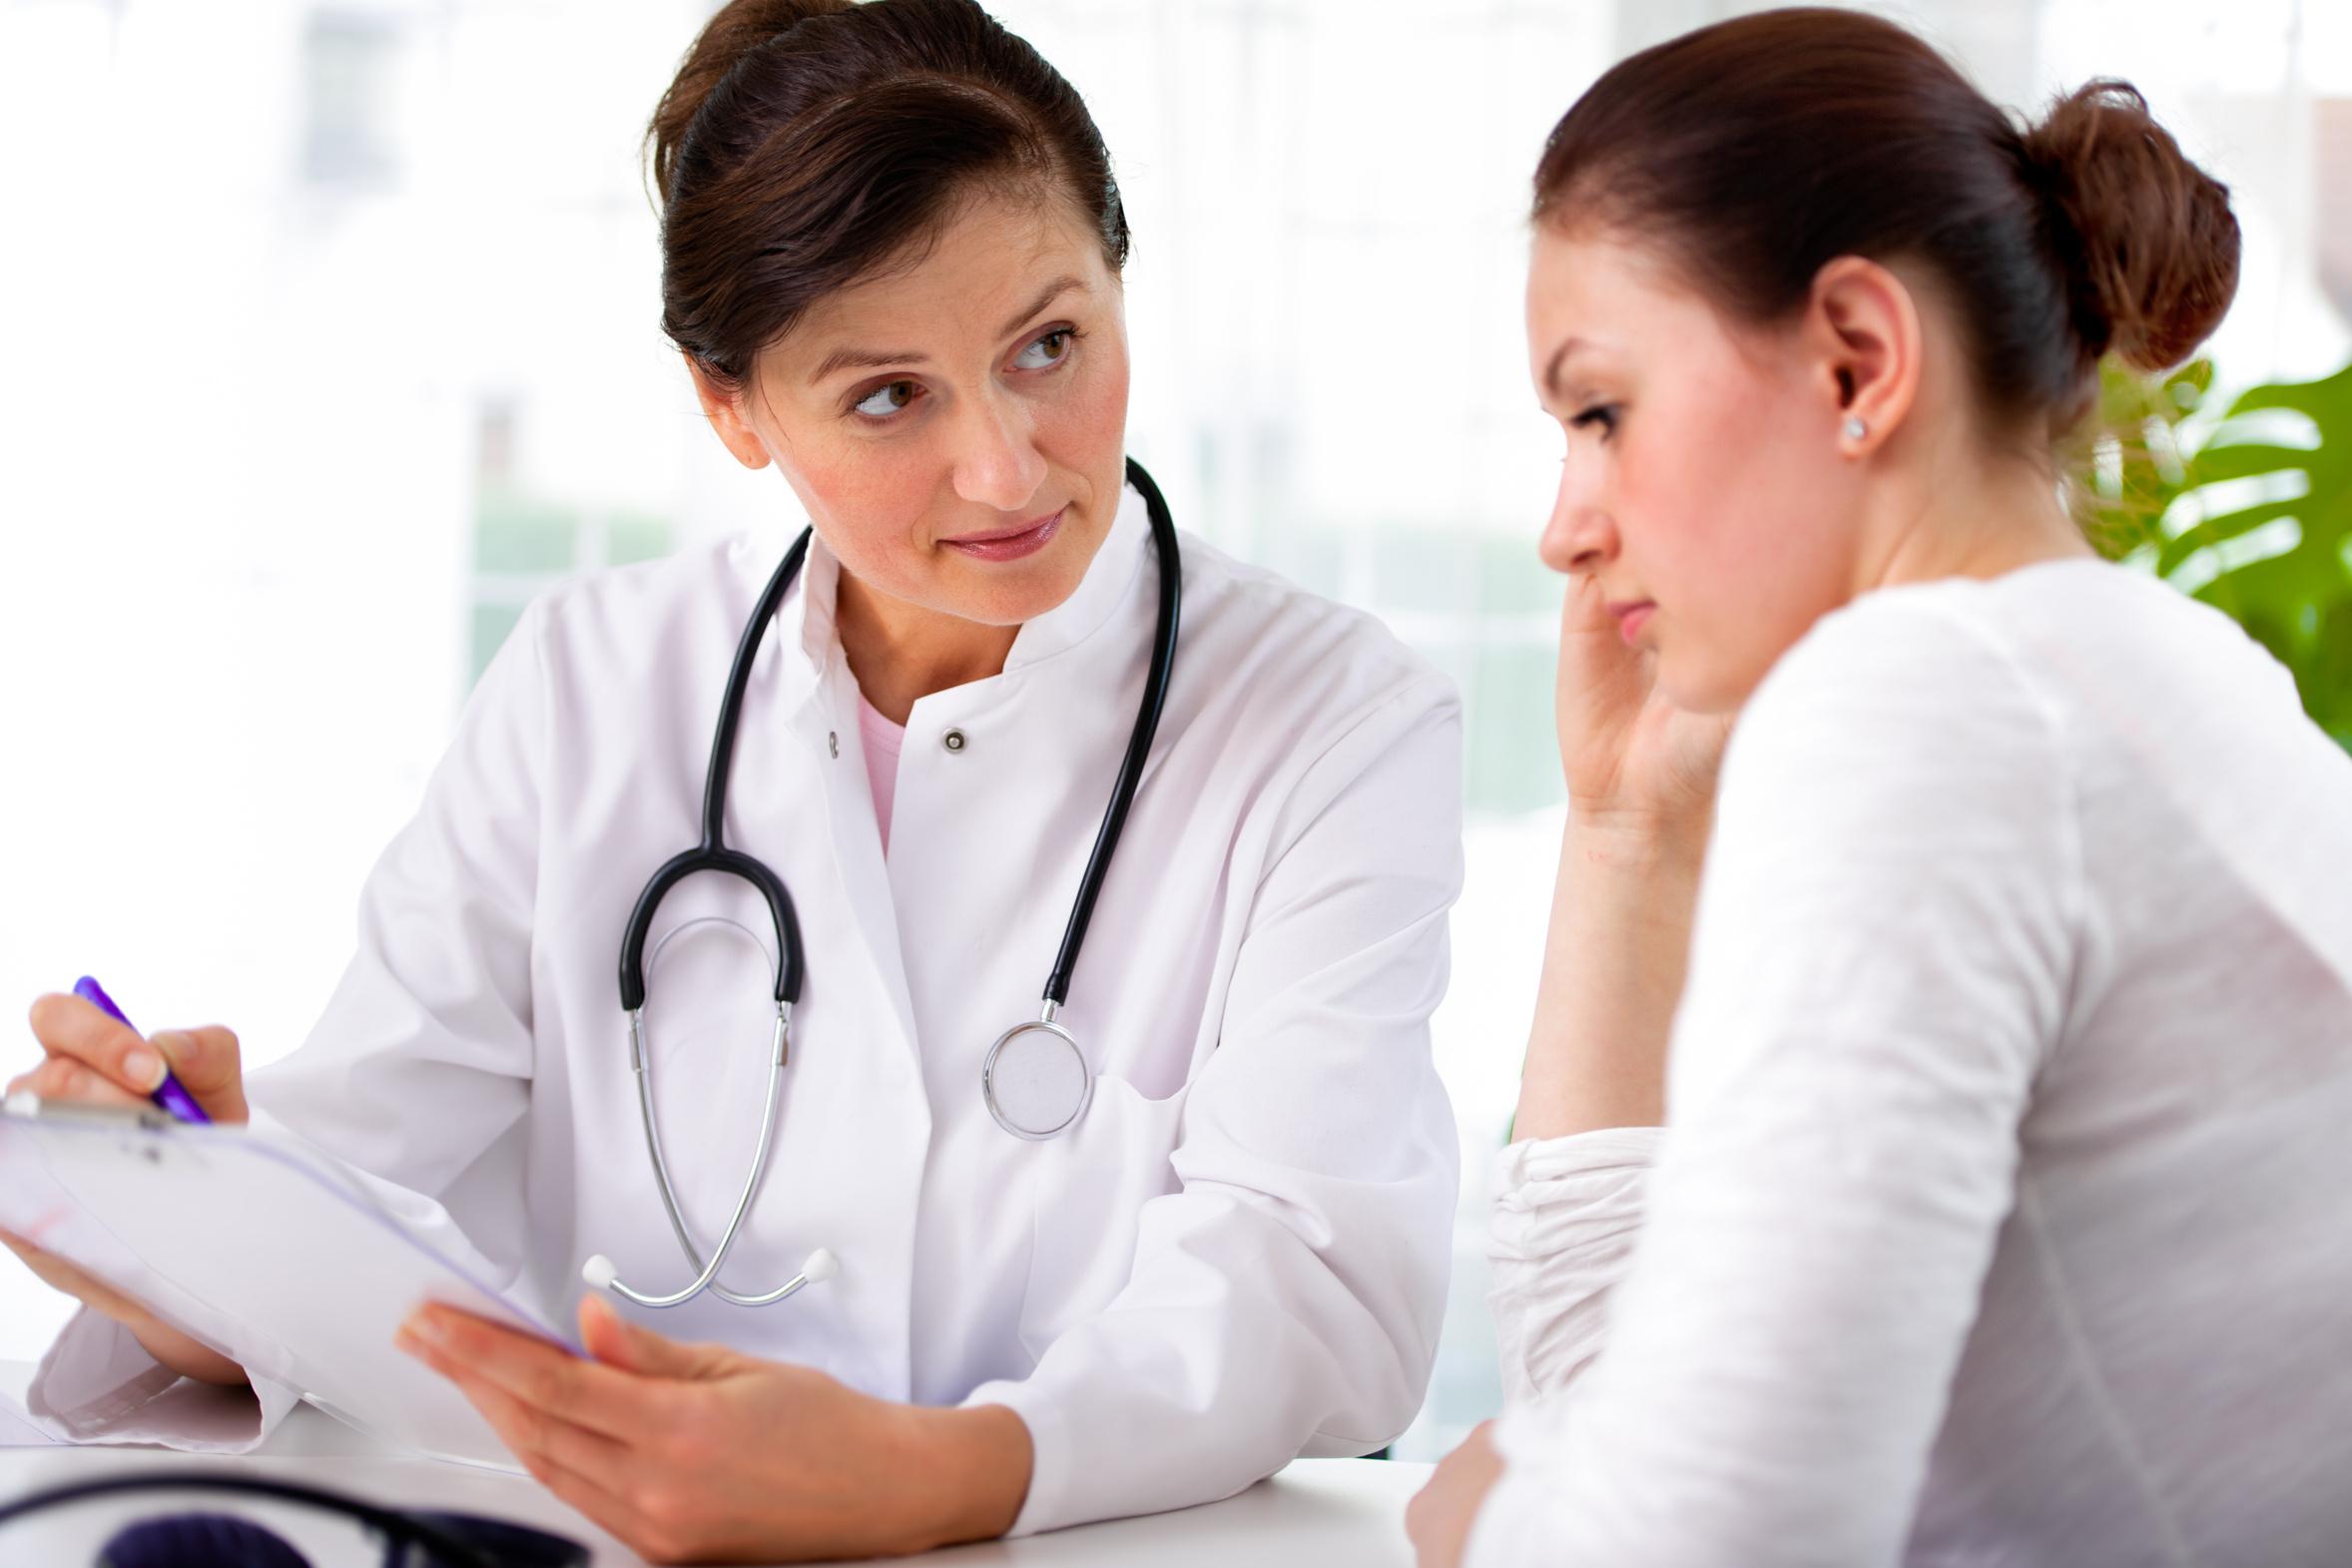 پرگ - بارداری - دوران بارداری - سلامت دوران بارادری